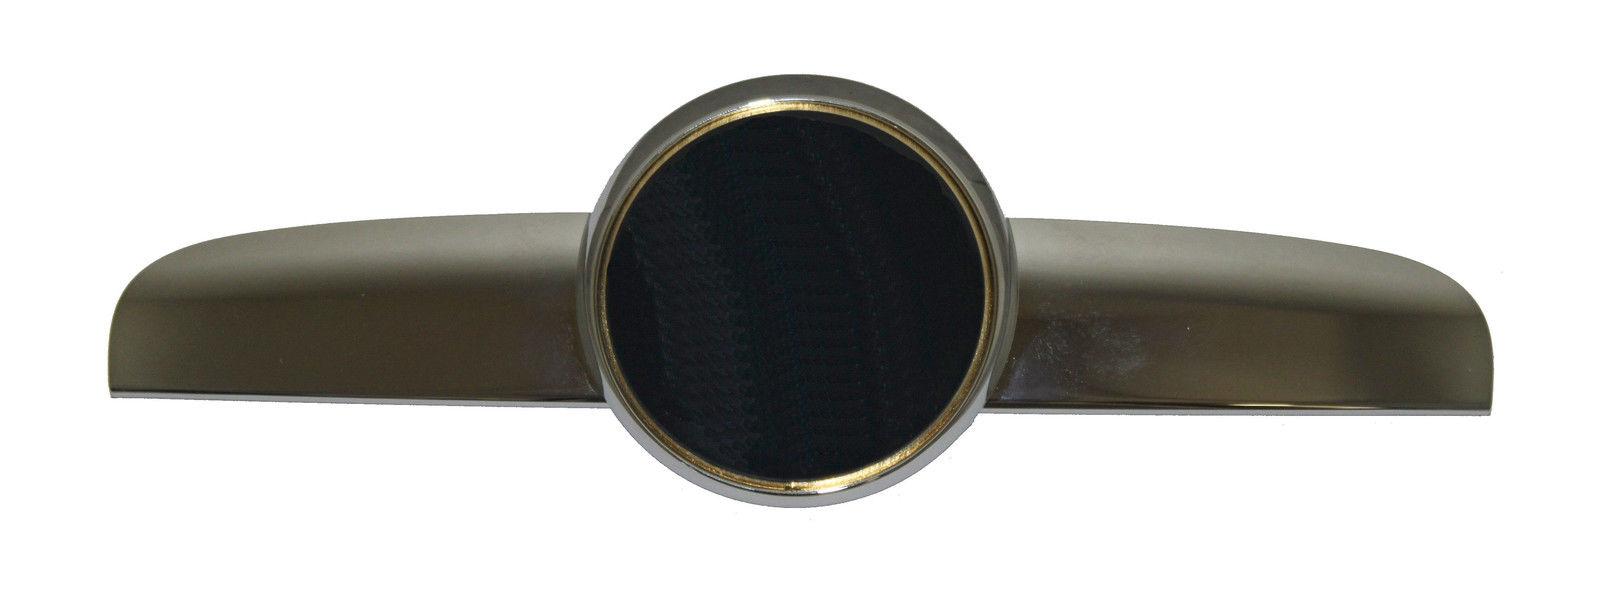 Ornament grila radiator Alfa Romeo 147 (937), 10.2004-2006, Cromat, Cu Locas Pentru Emblema, 0156058943; 156058943